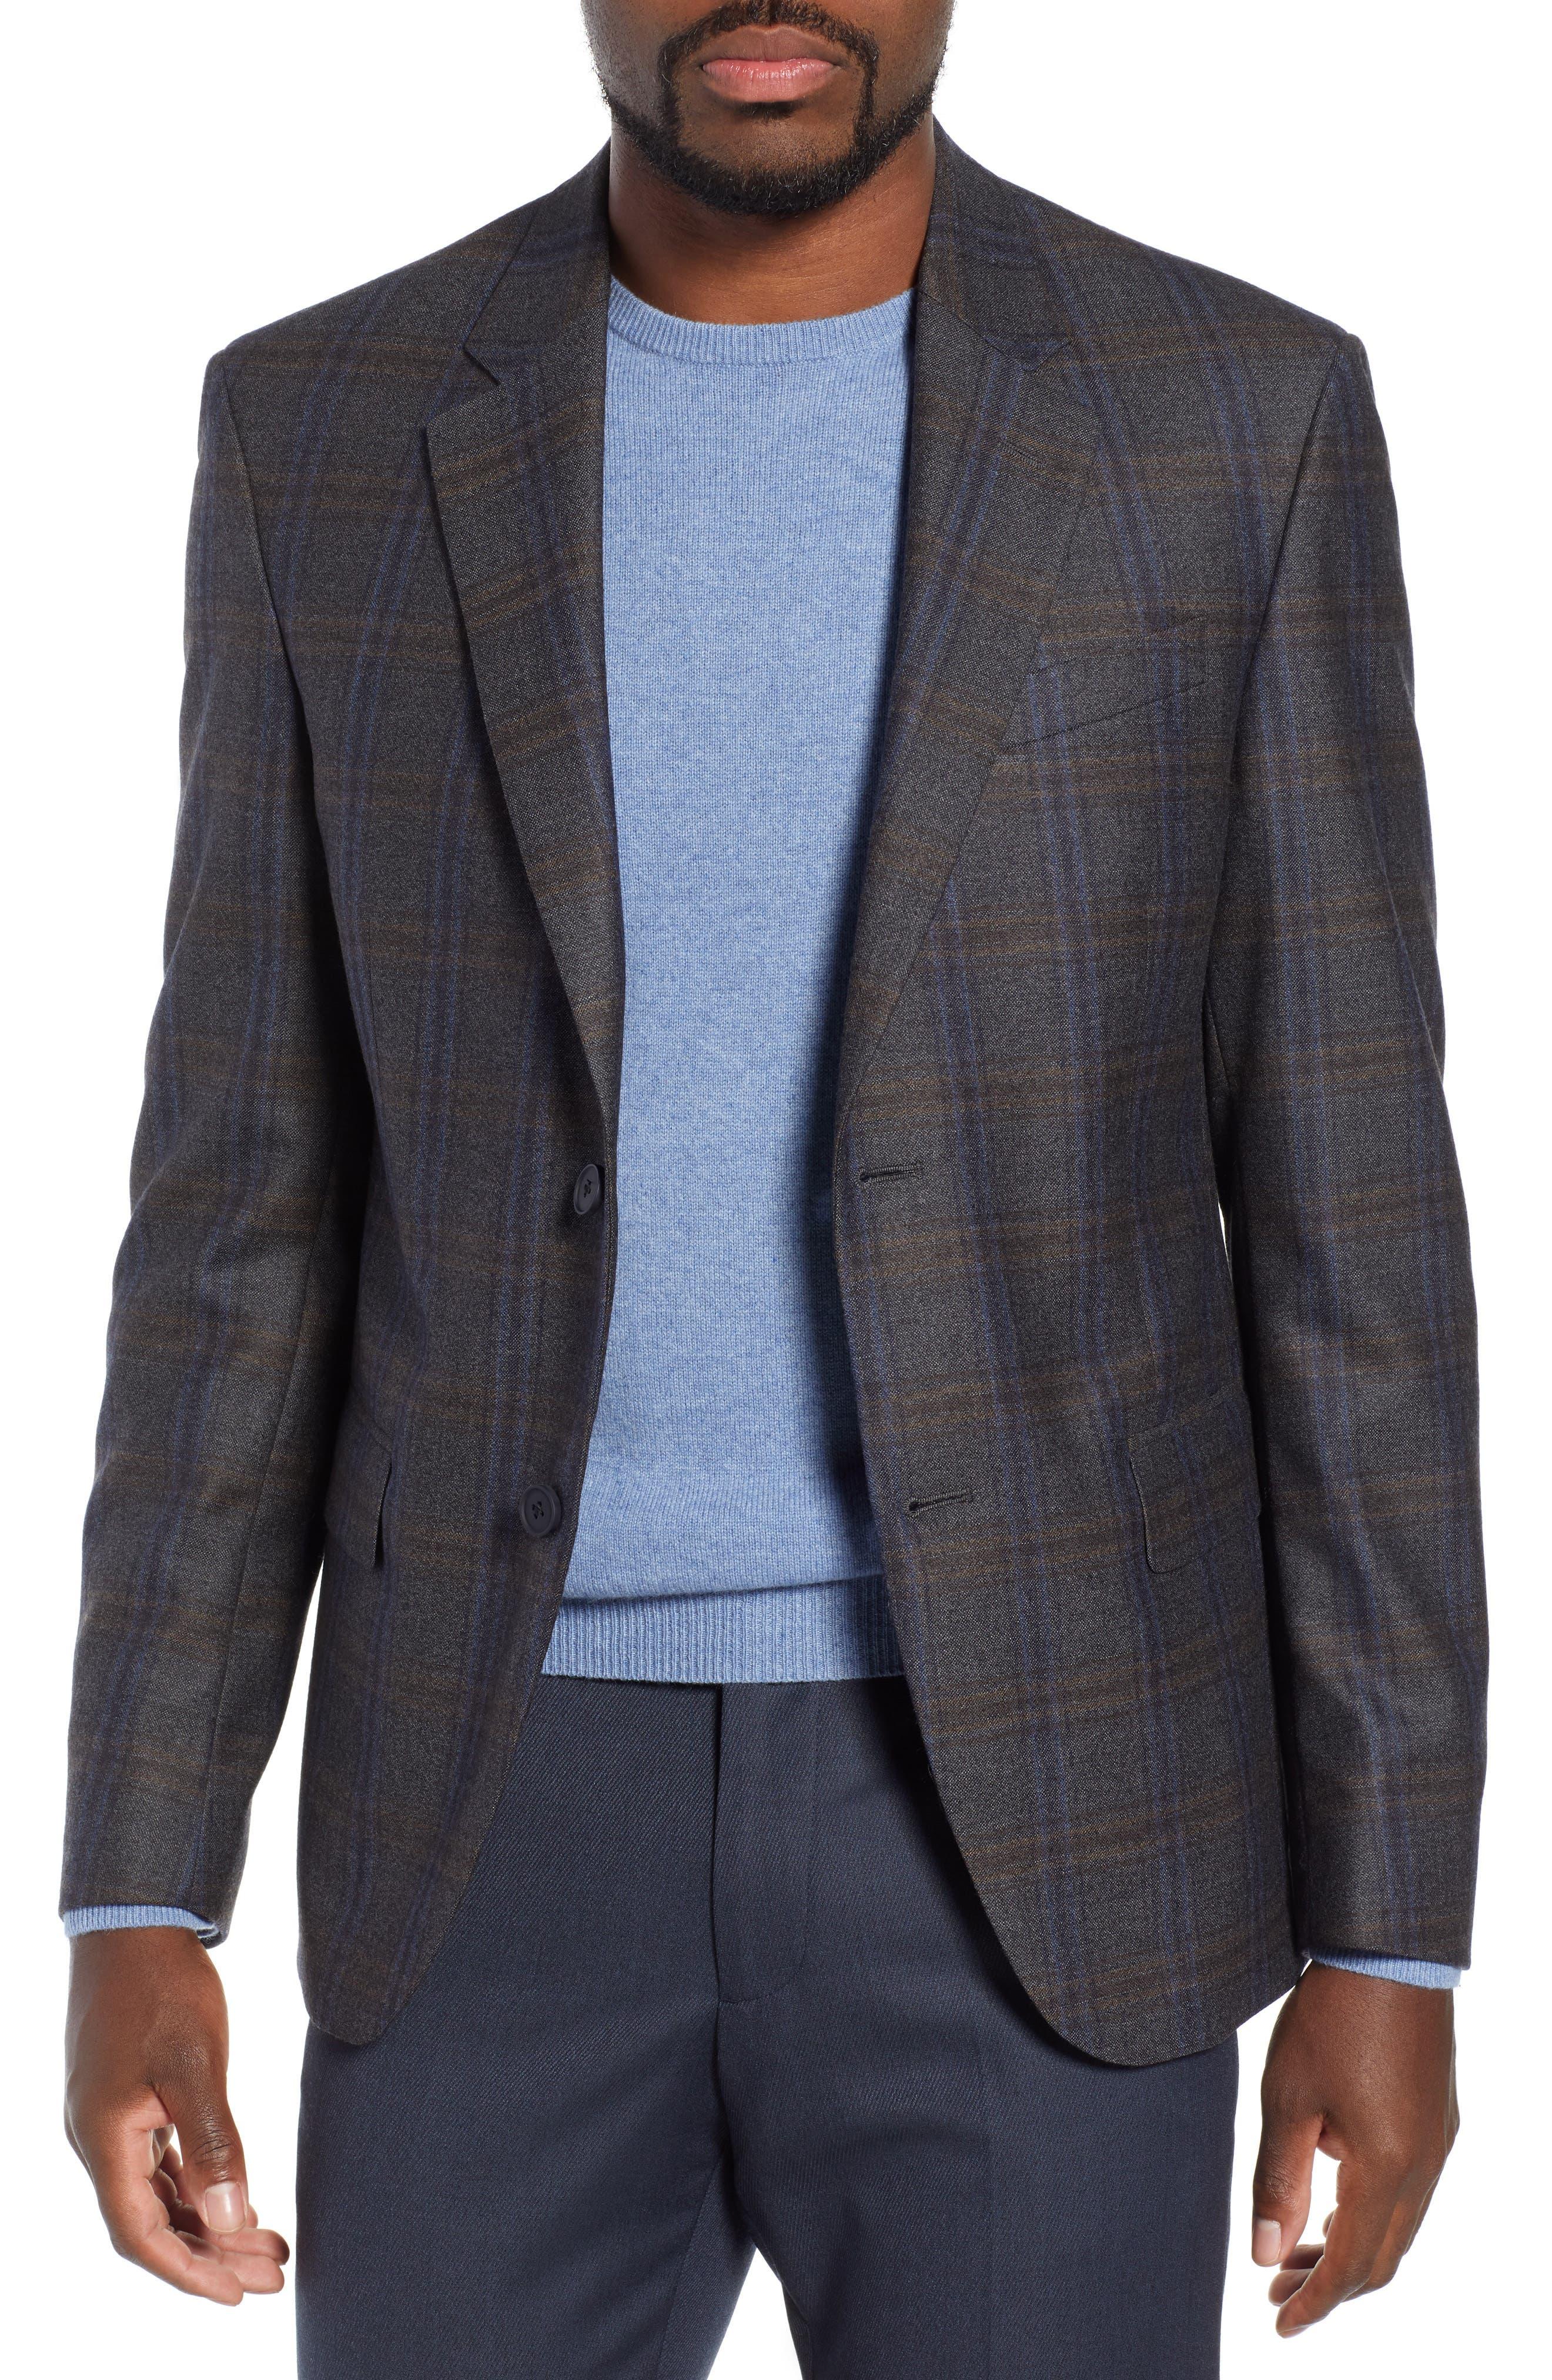 NORDSTROM MEN'S SHOP,                             Trim Fit Plaid Wool Sport Coat,                             Main thumbnail 1, color,                             010